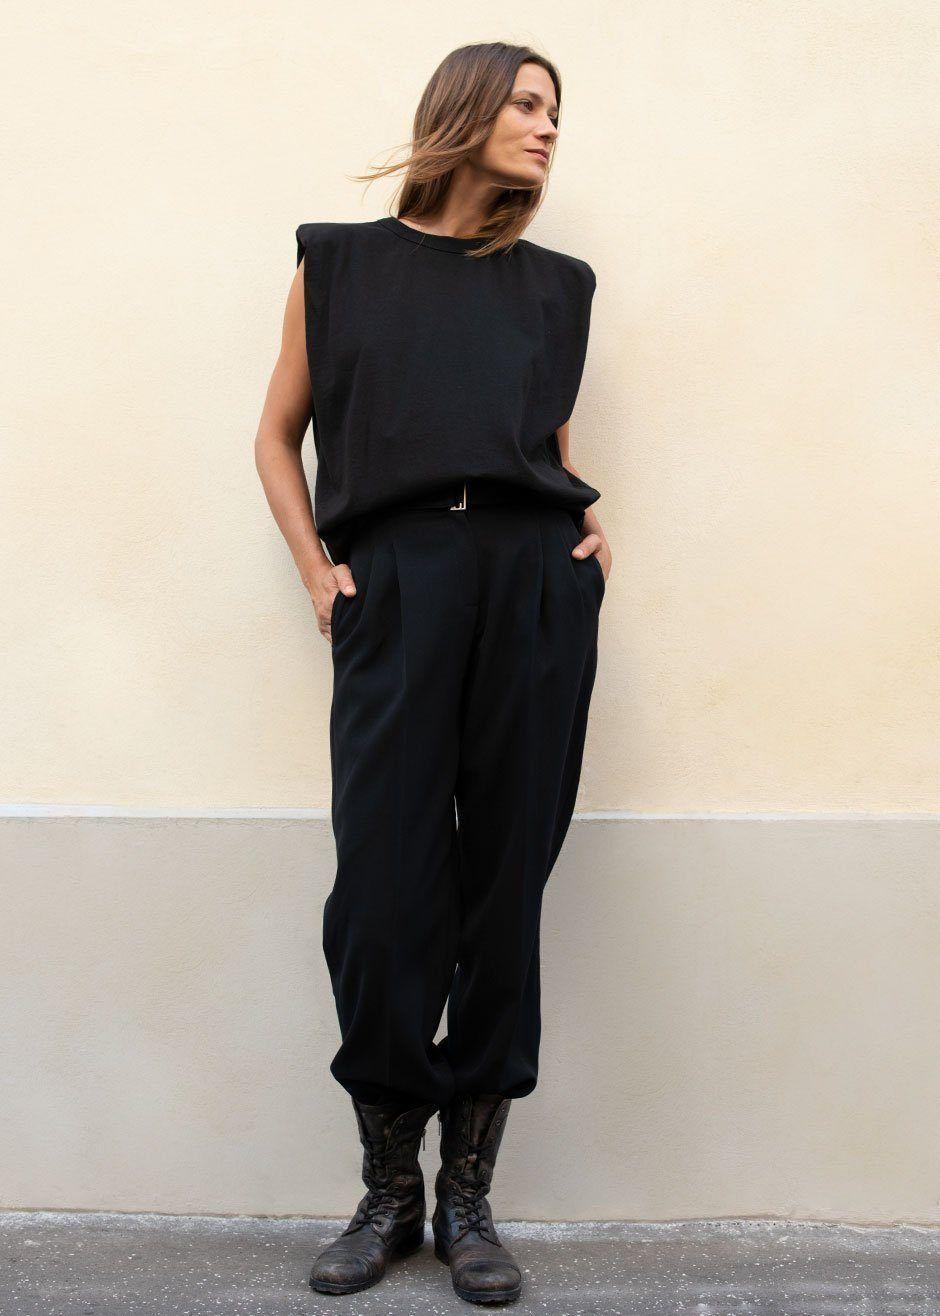 Eva padded shoulder muscle tshirt in black in 2020